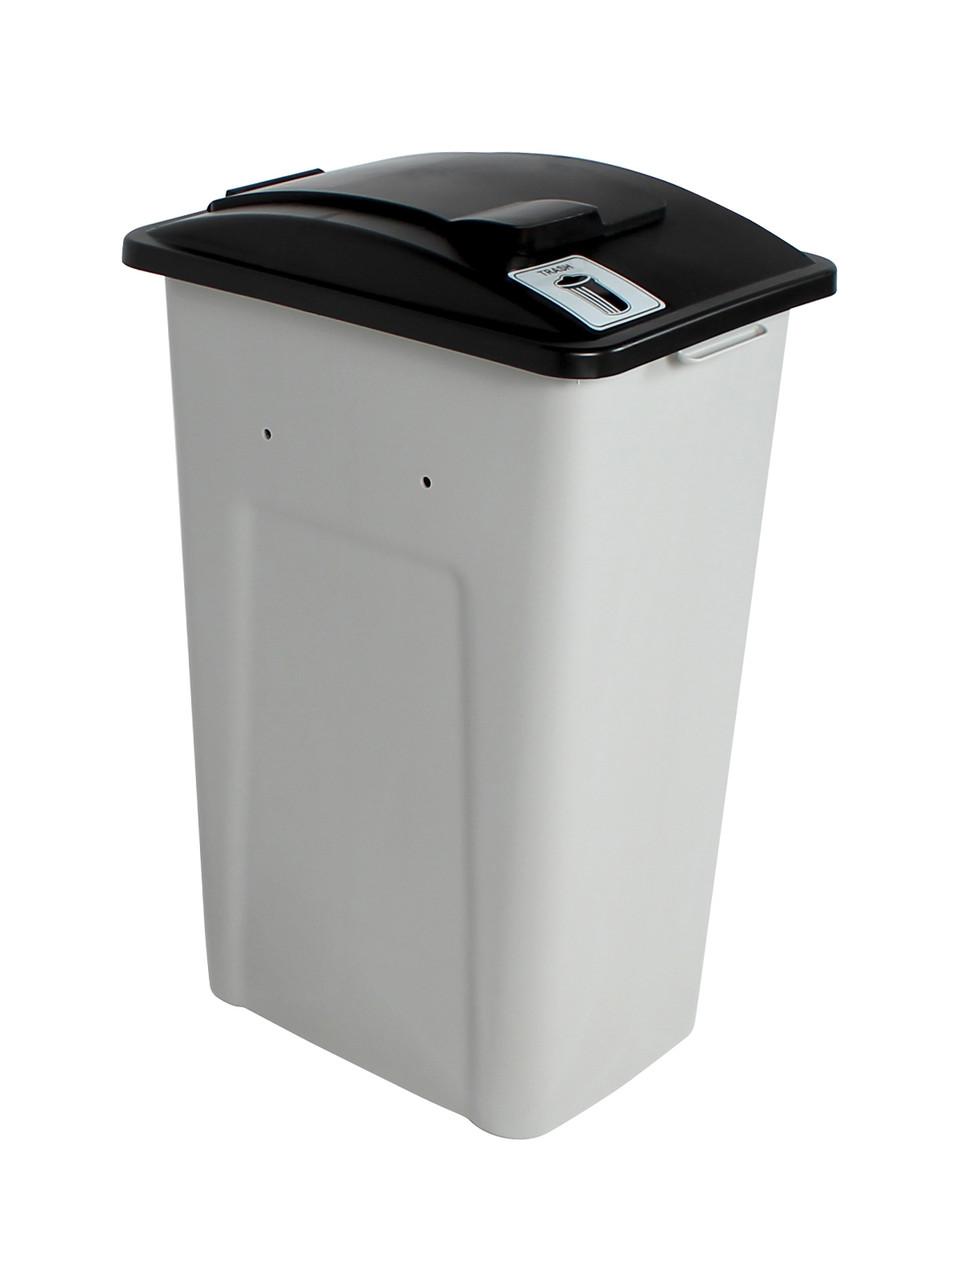 32 Gallon XL Simple Sort Trash Can (Trash, Lift Top)